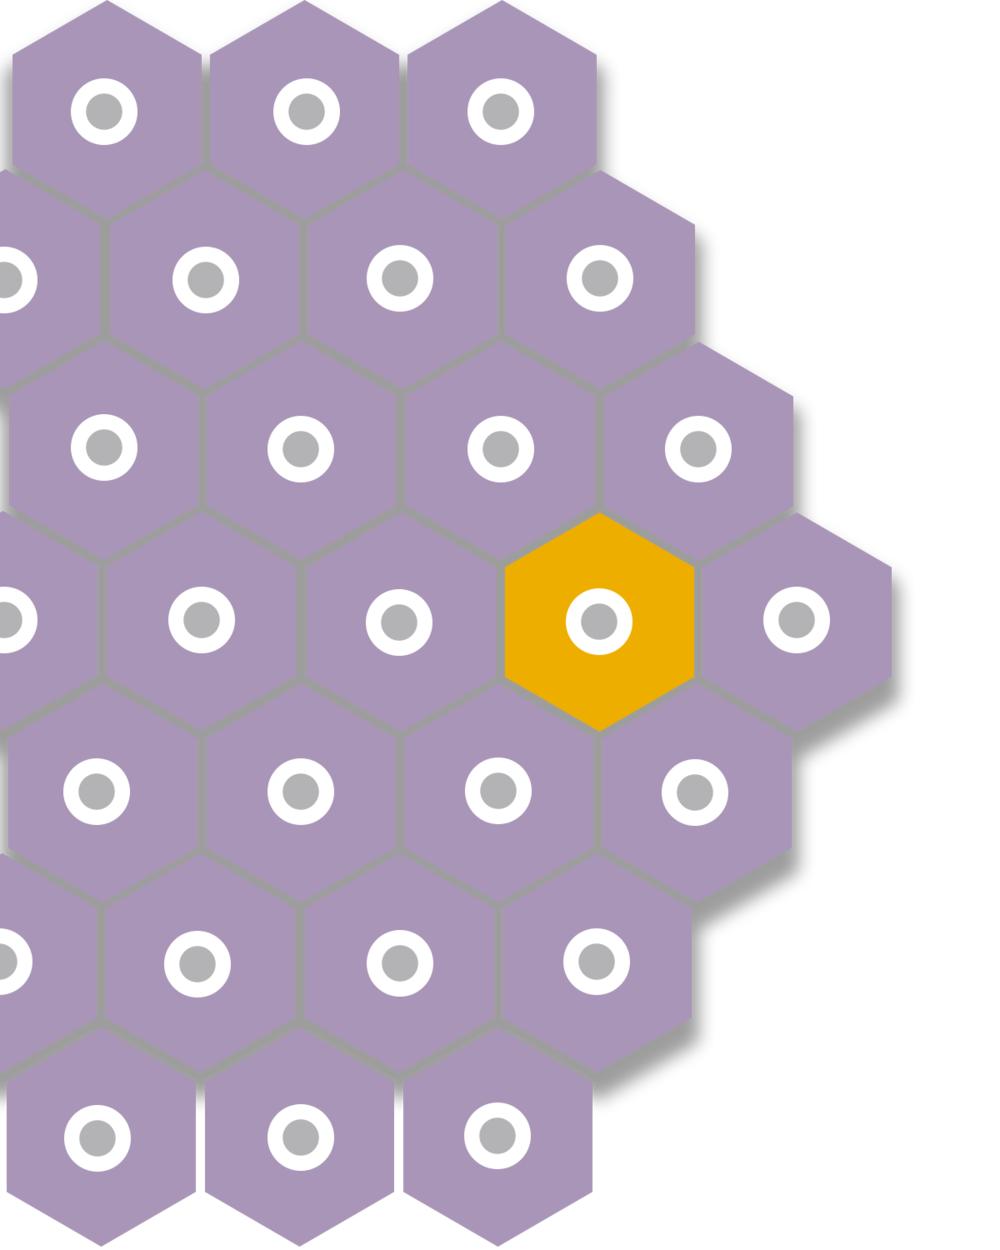 corcom-hex-grid-4.png